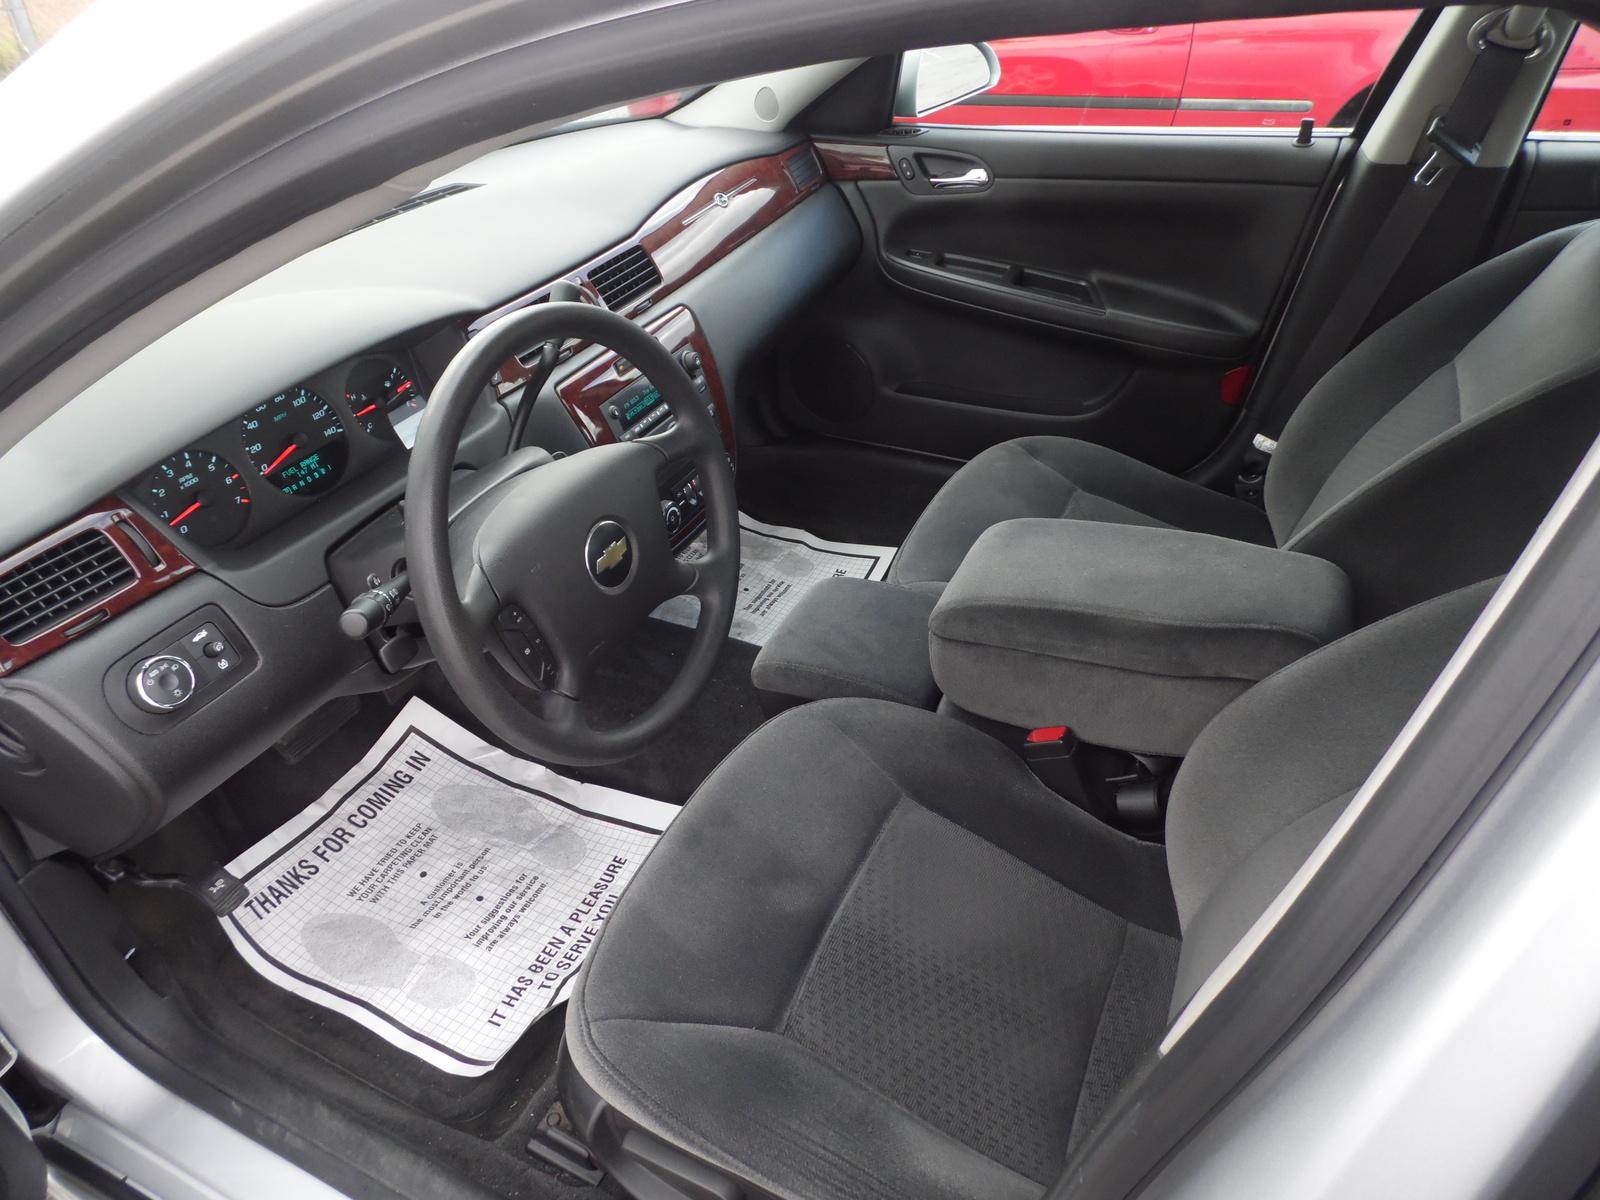 2010 Chevrolet Impala Interior Pictures Cargurus